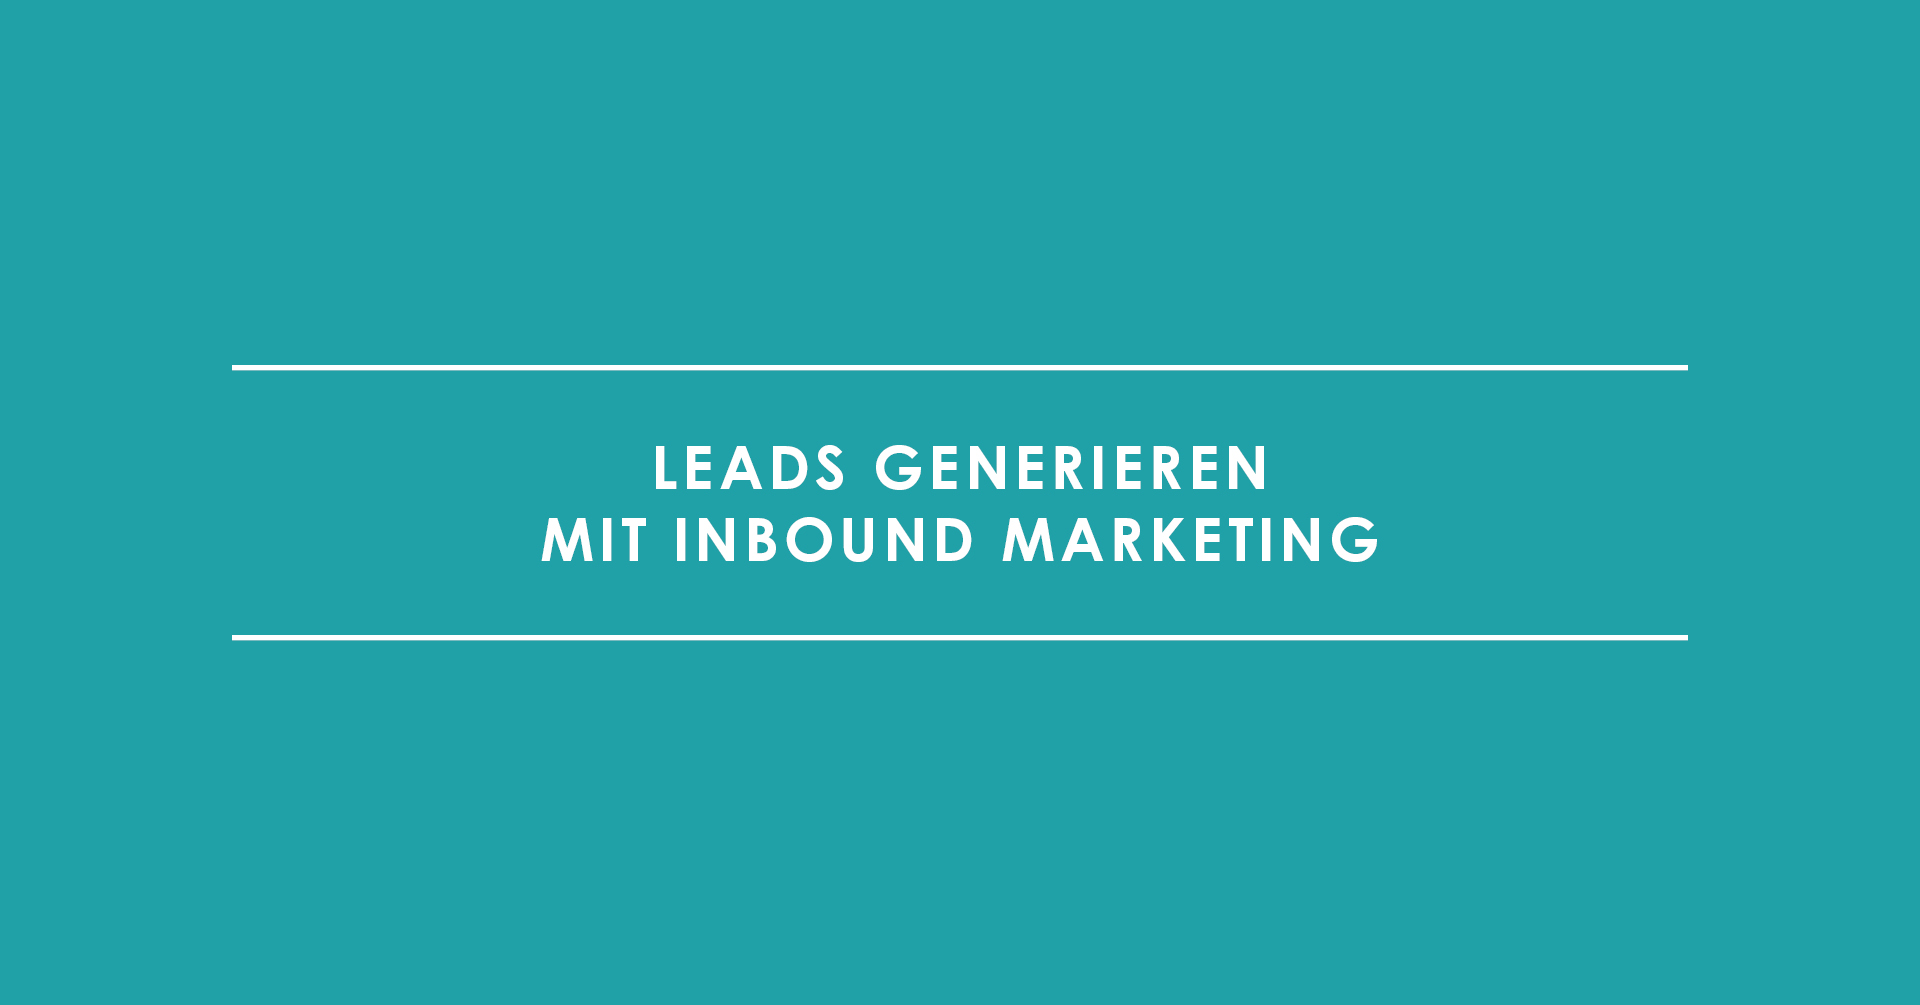 Leads generieren mit Inbound Marketing